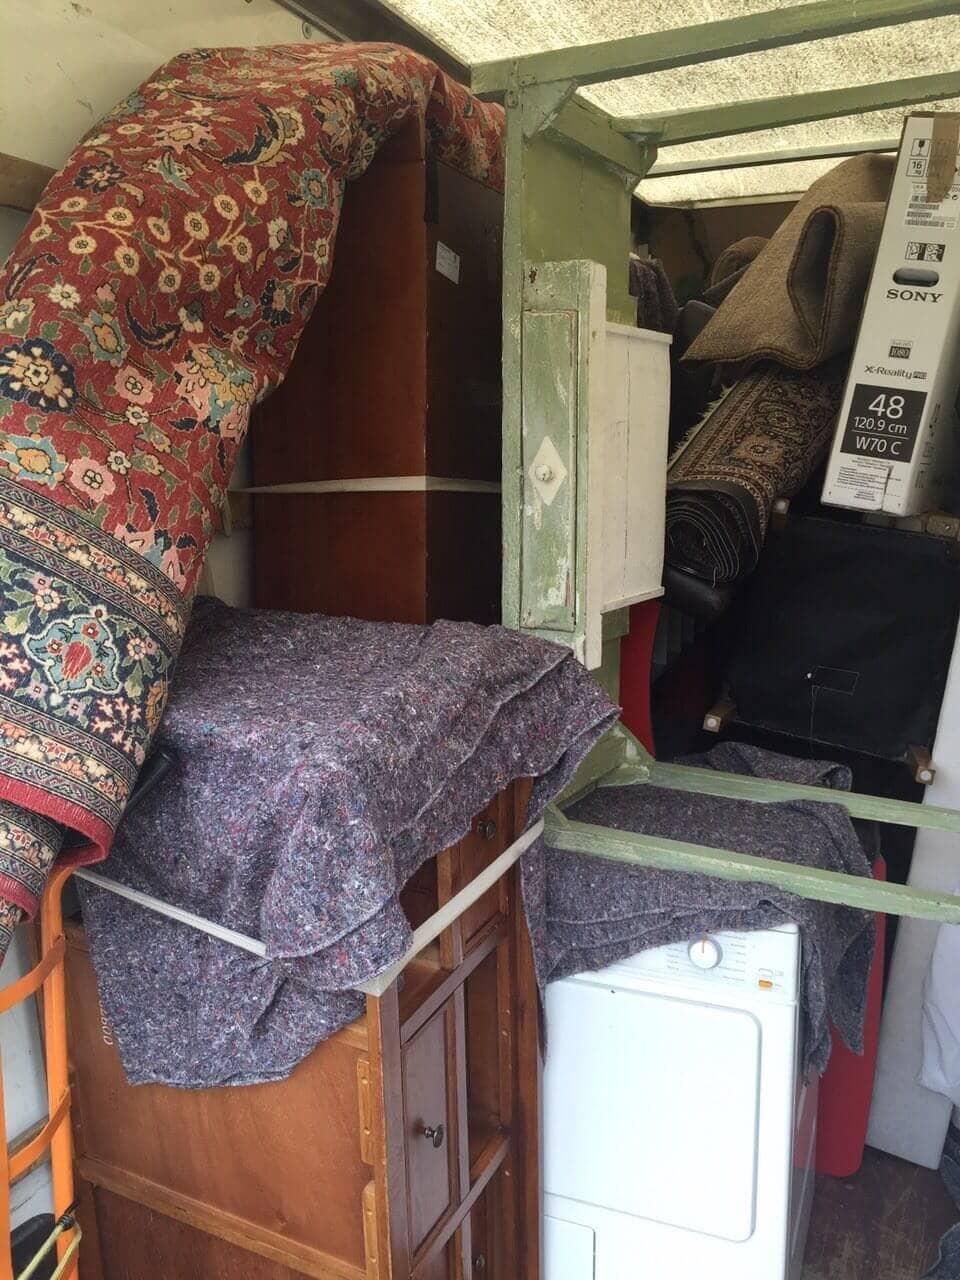 SW20 storage unit West Wimbledon